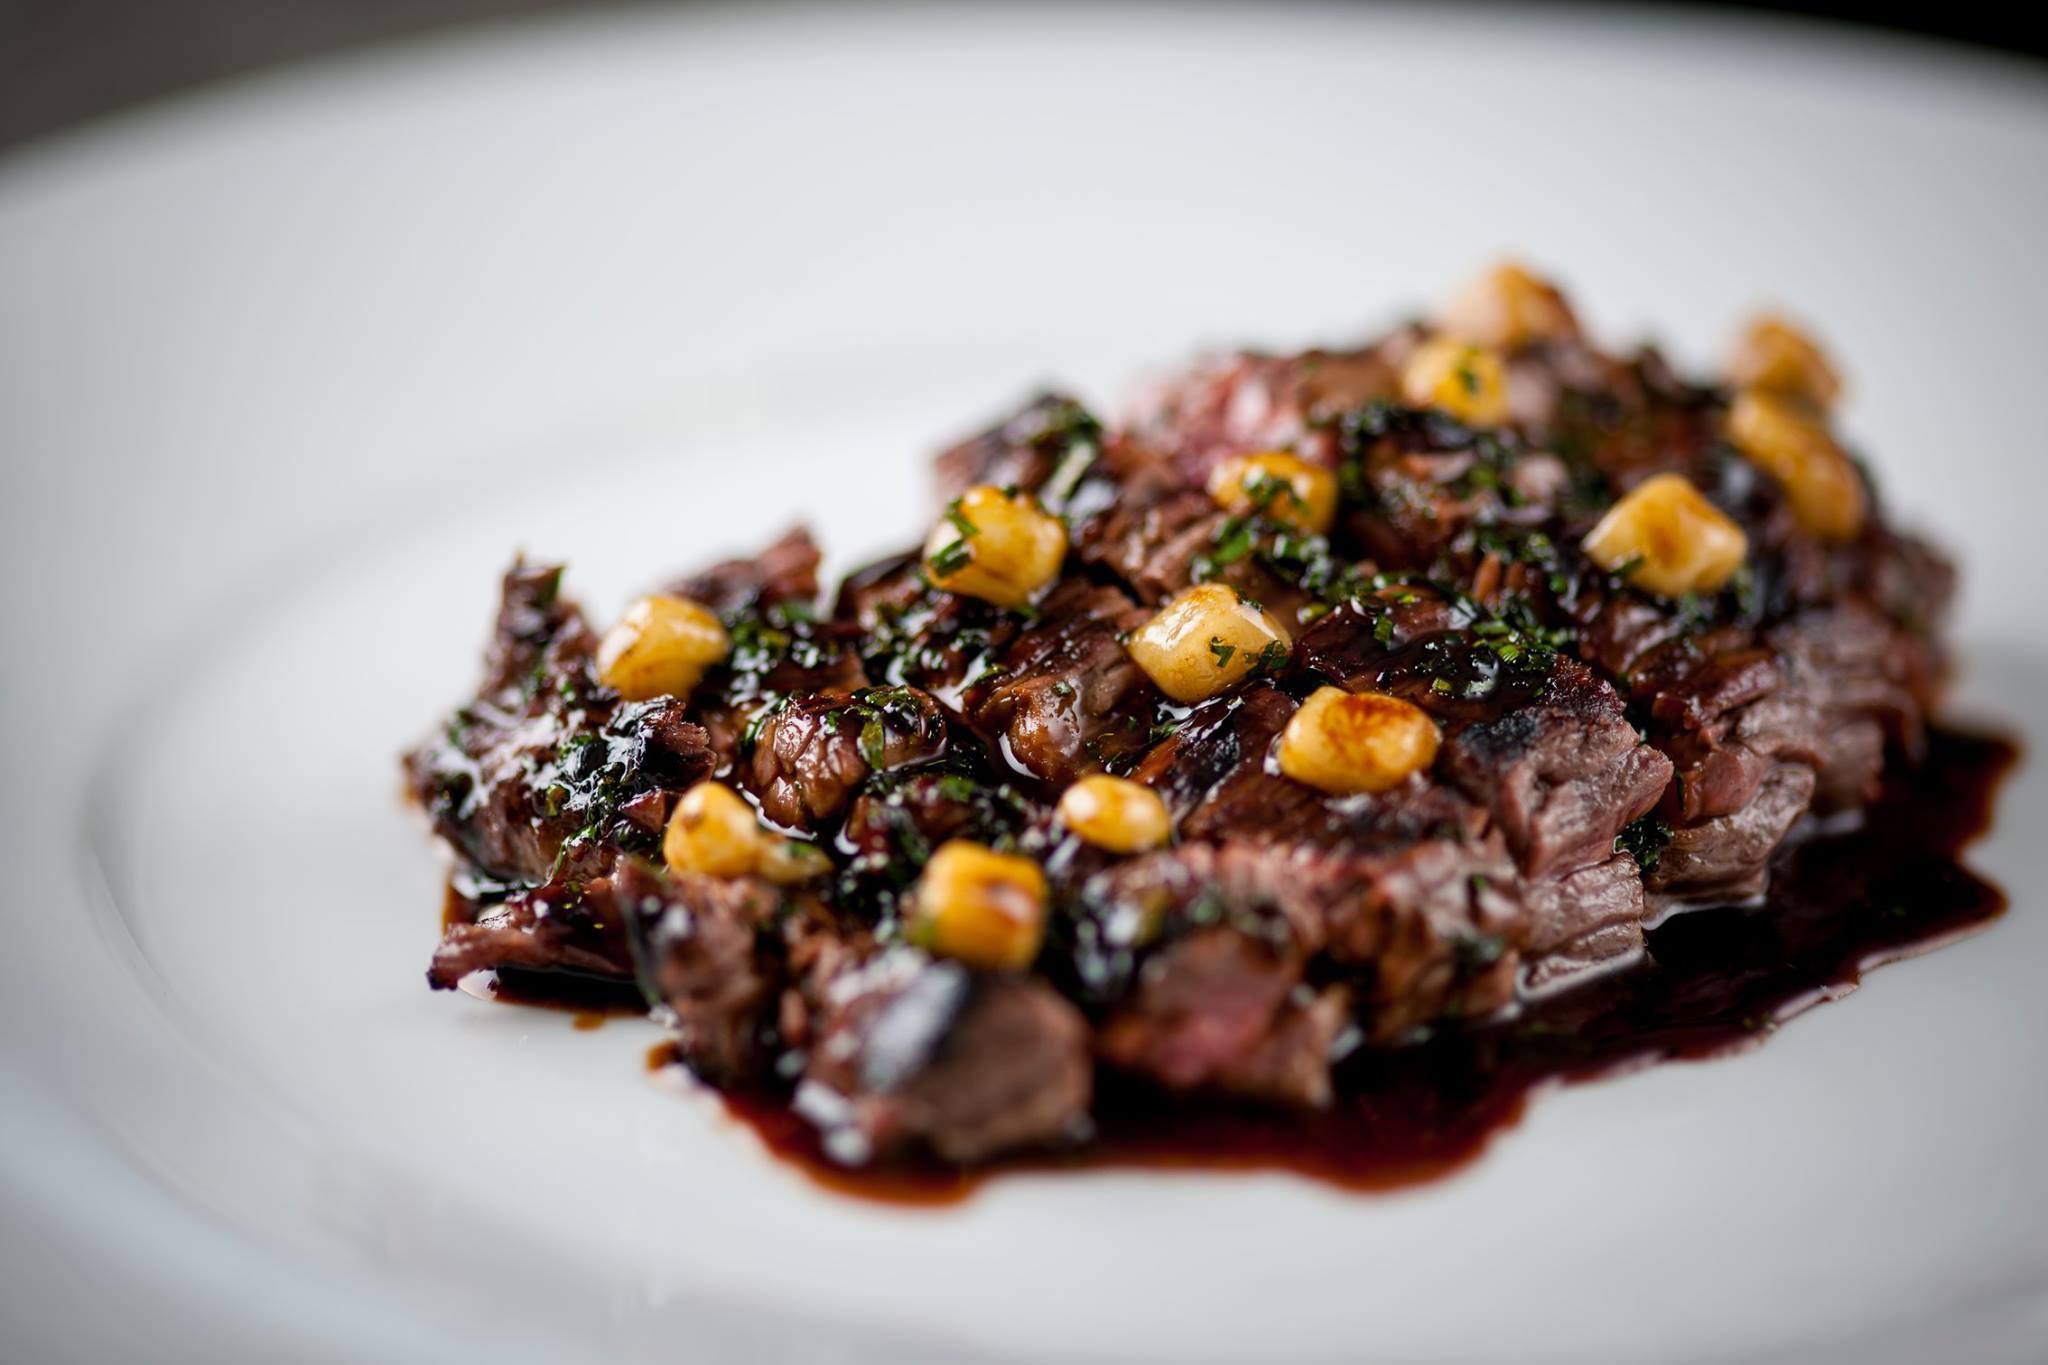 Irish Black Angus Flat Iron Steak The Crown marrowbone sauce